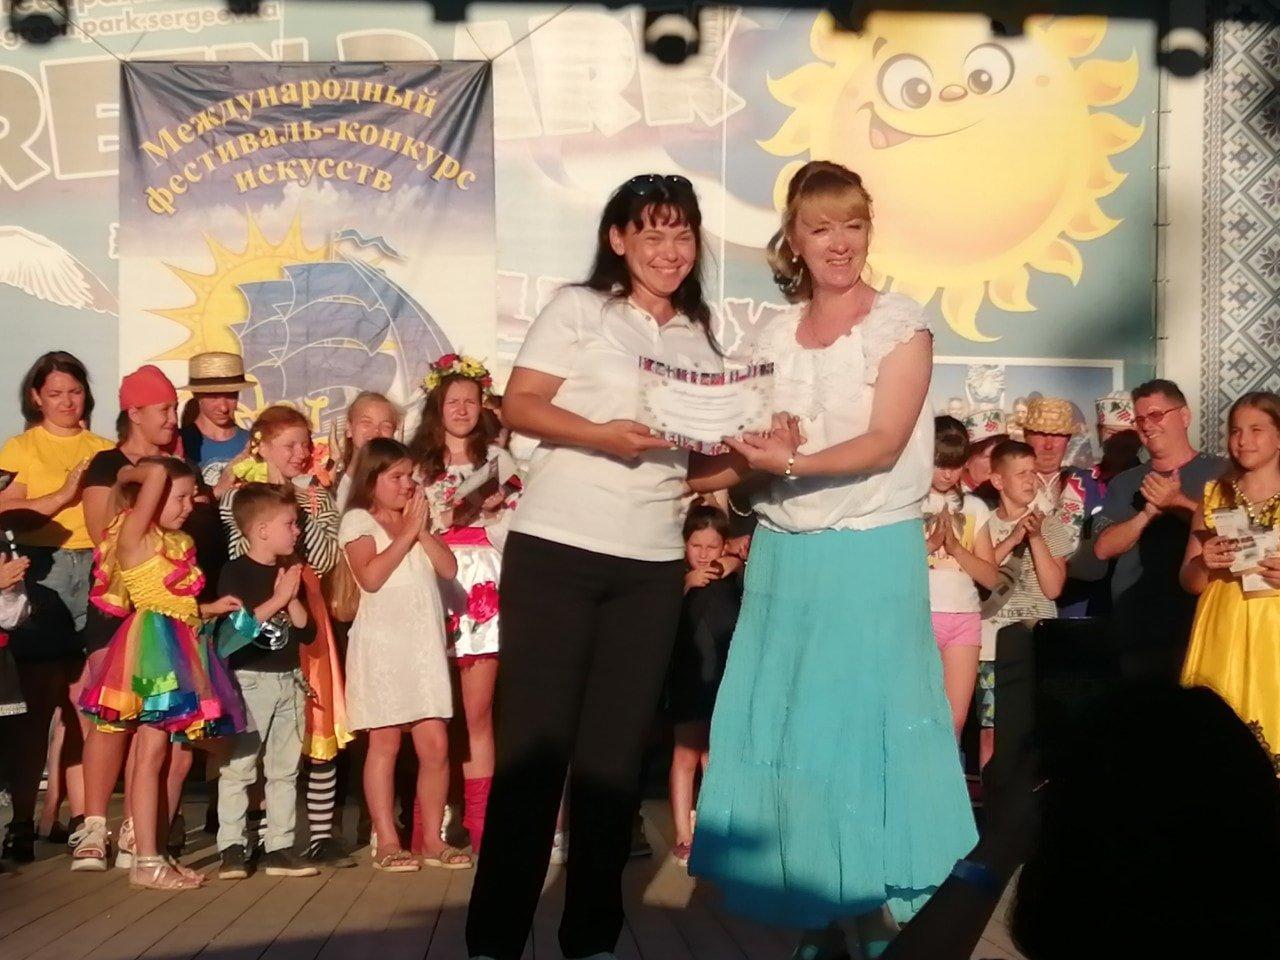 Безоговорочная победа: лозовской театр «Маски» получил гран-при Международного фестиваля, фото-1